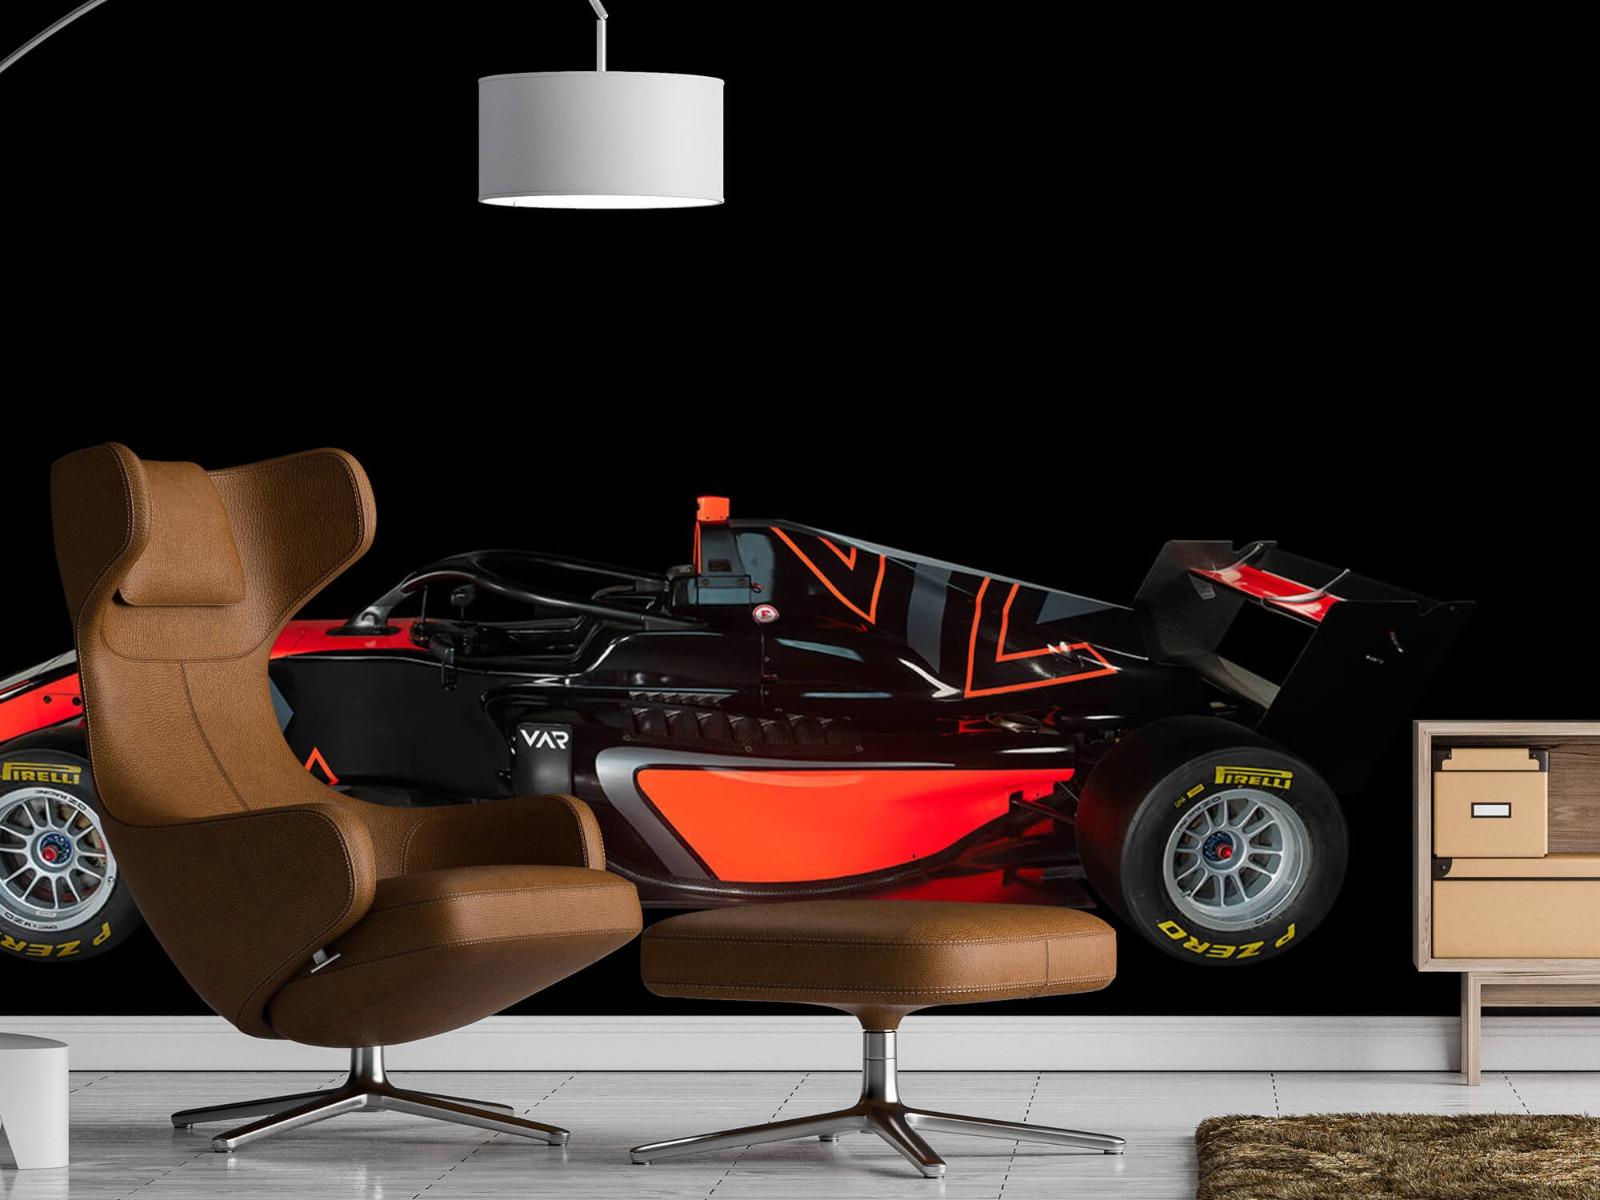 Sportauto's - Formula 3 - Side view - dark - Garage 20